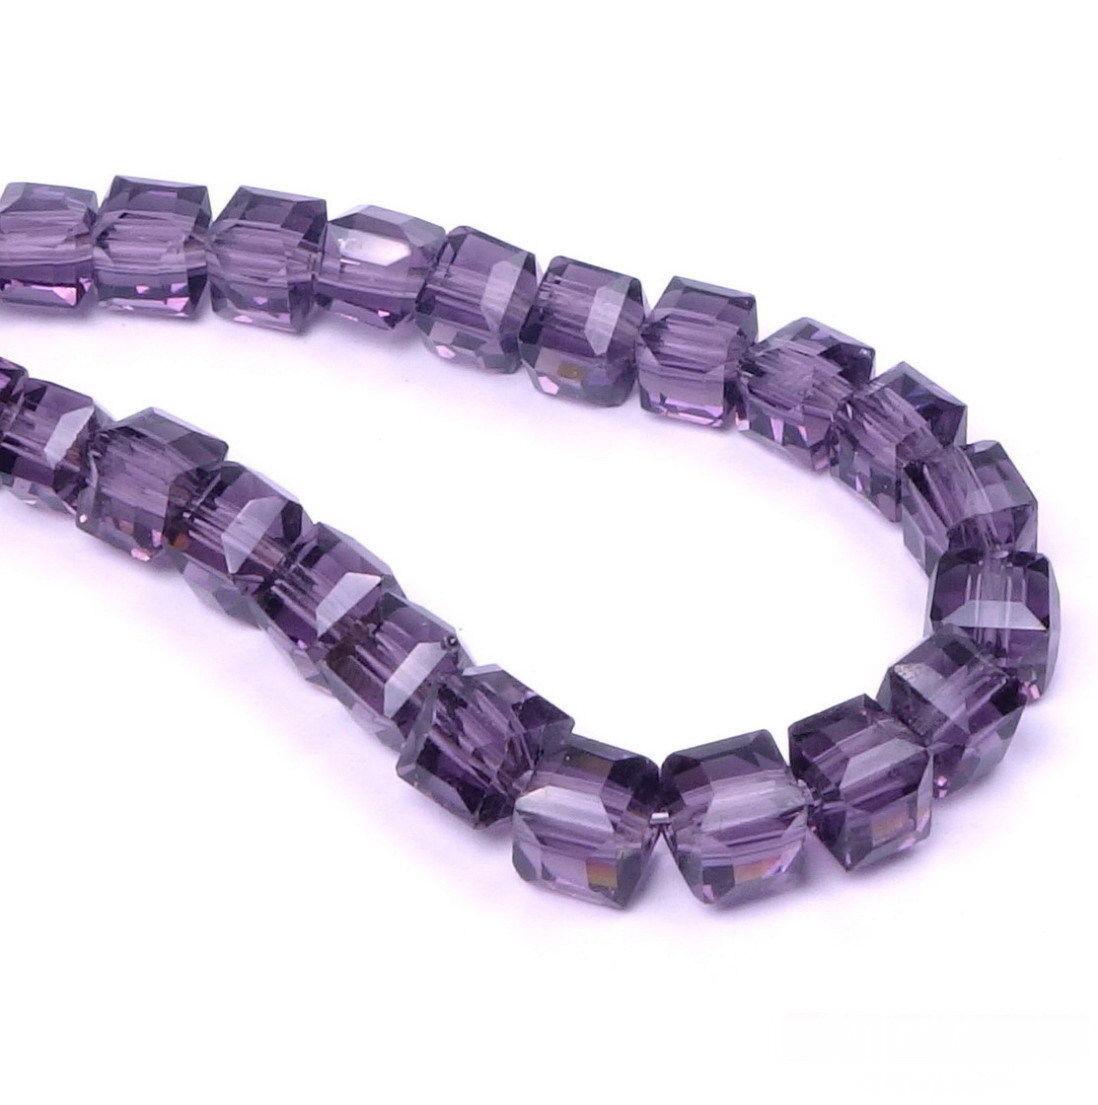 25 Glasperlen Würfel 4mm Violett Tschechische Kristall Perlen Schmuck X179